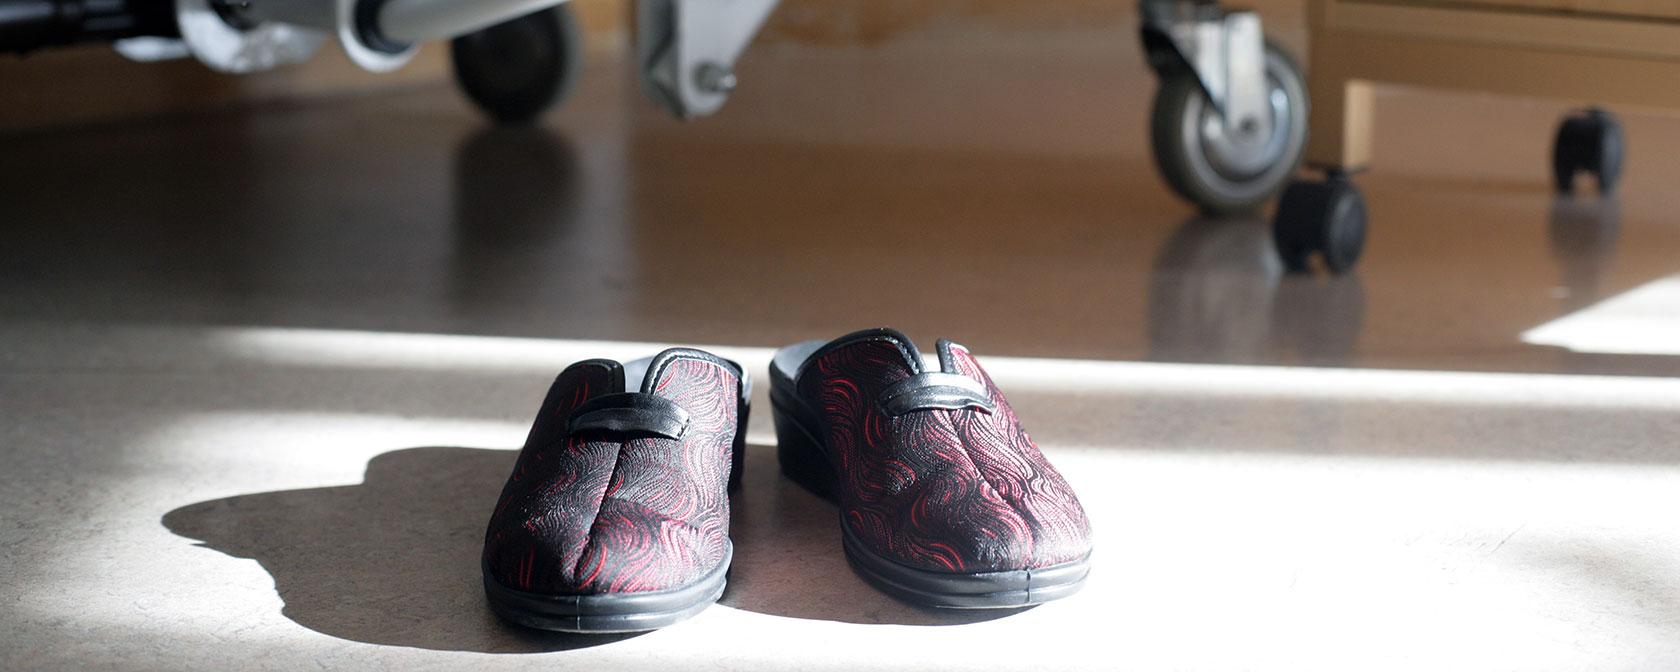 Chaussures médicales de confort et soin des pieds et jambes